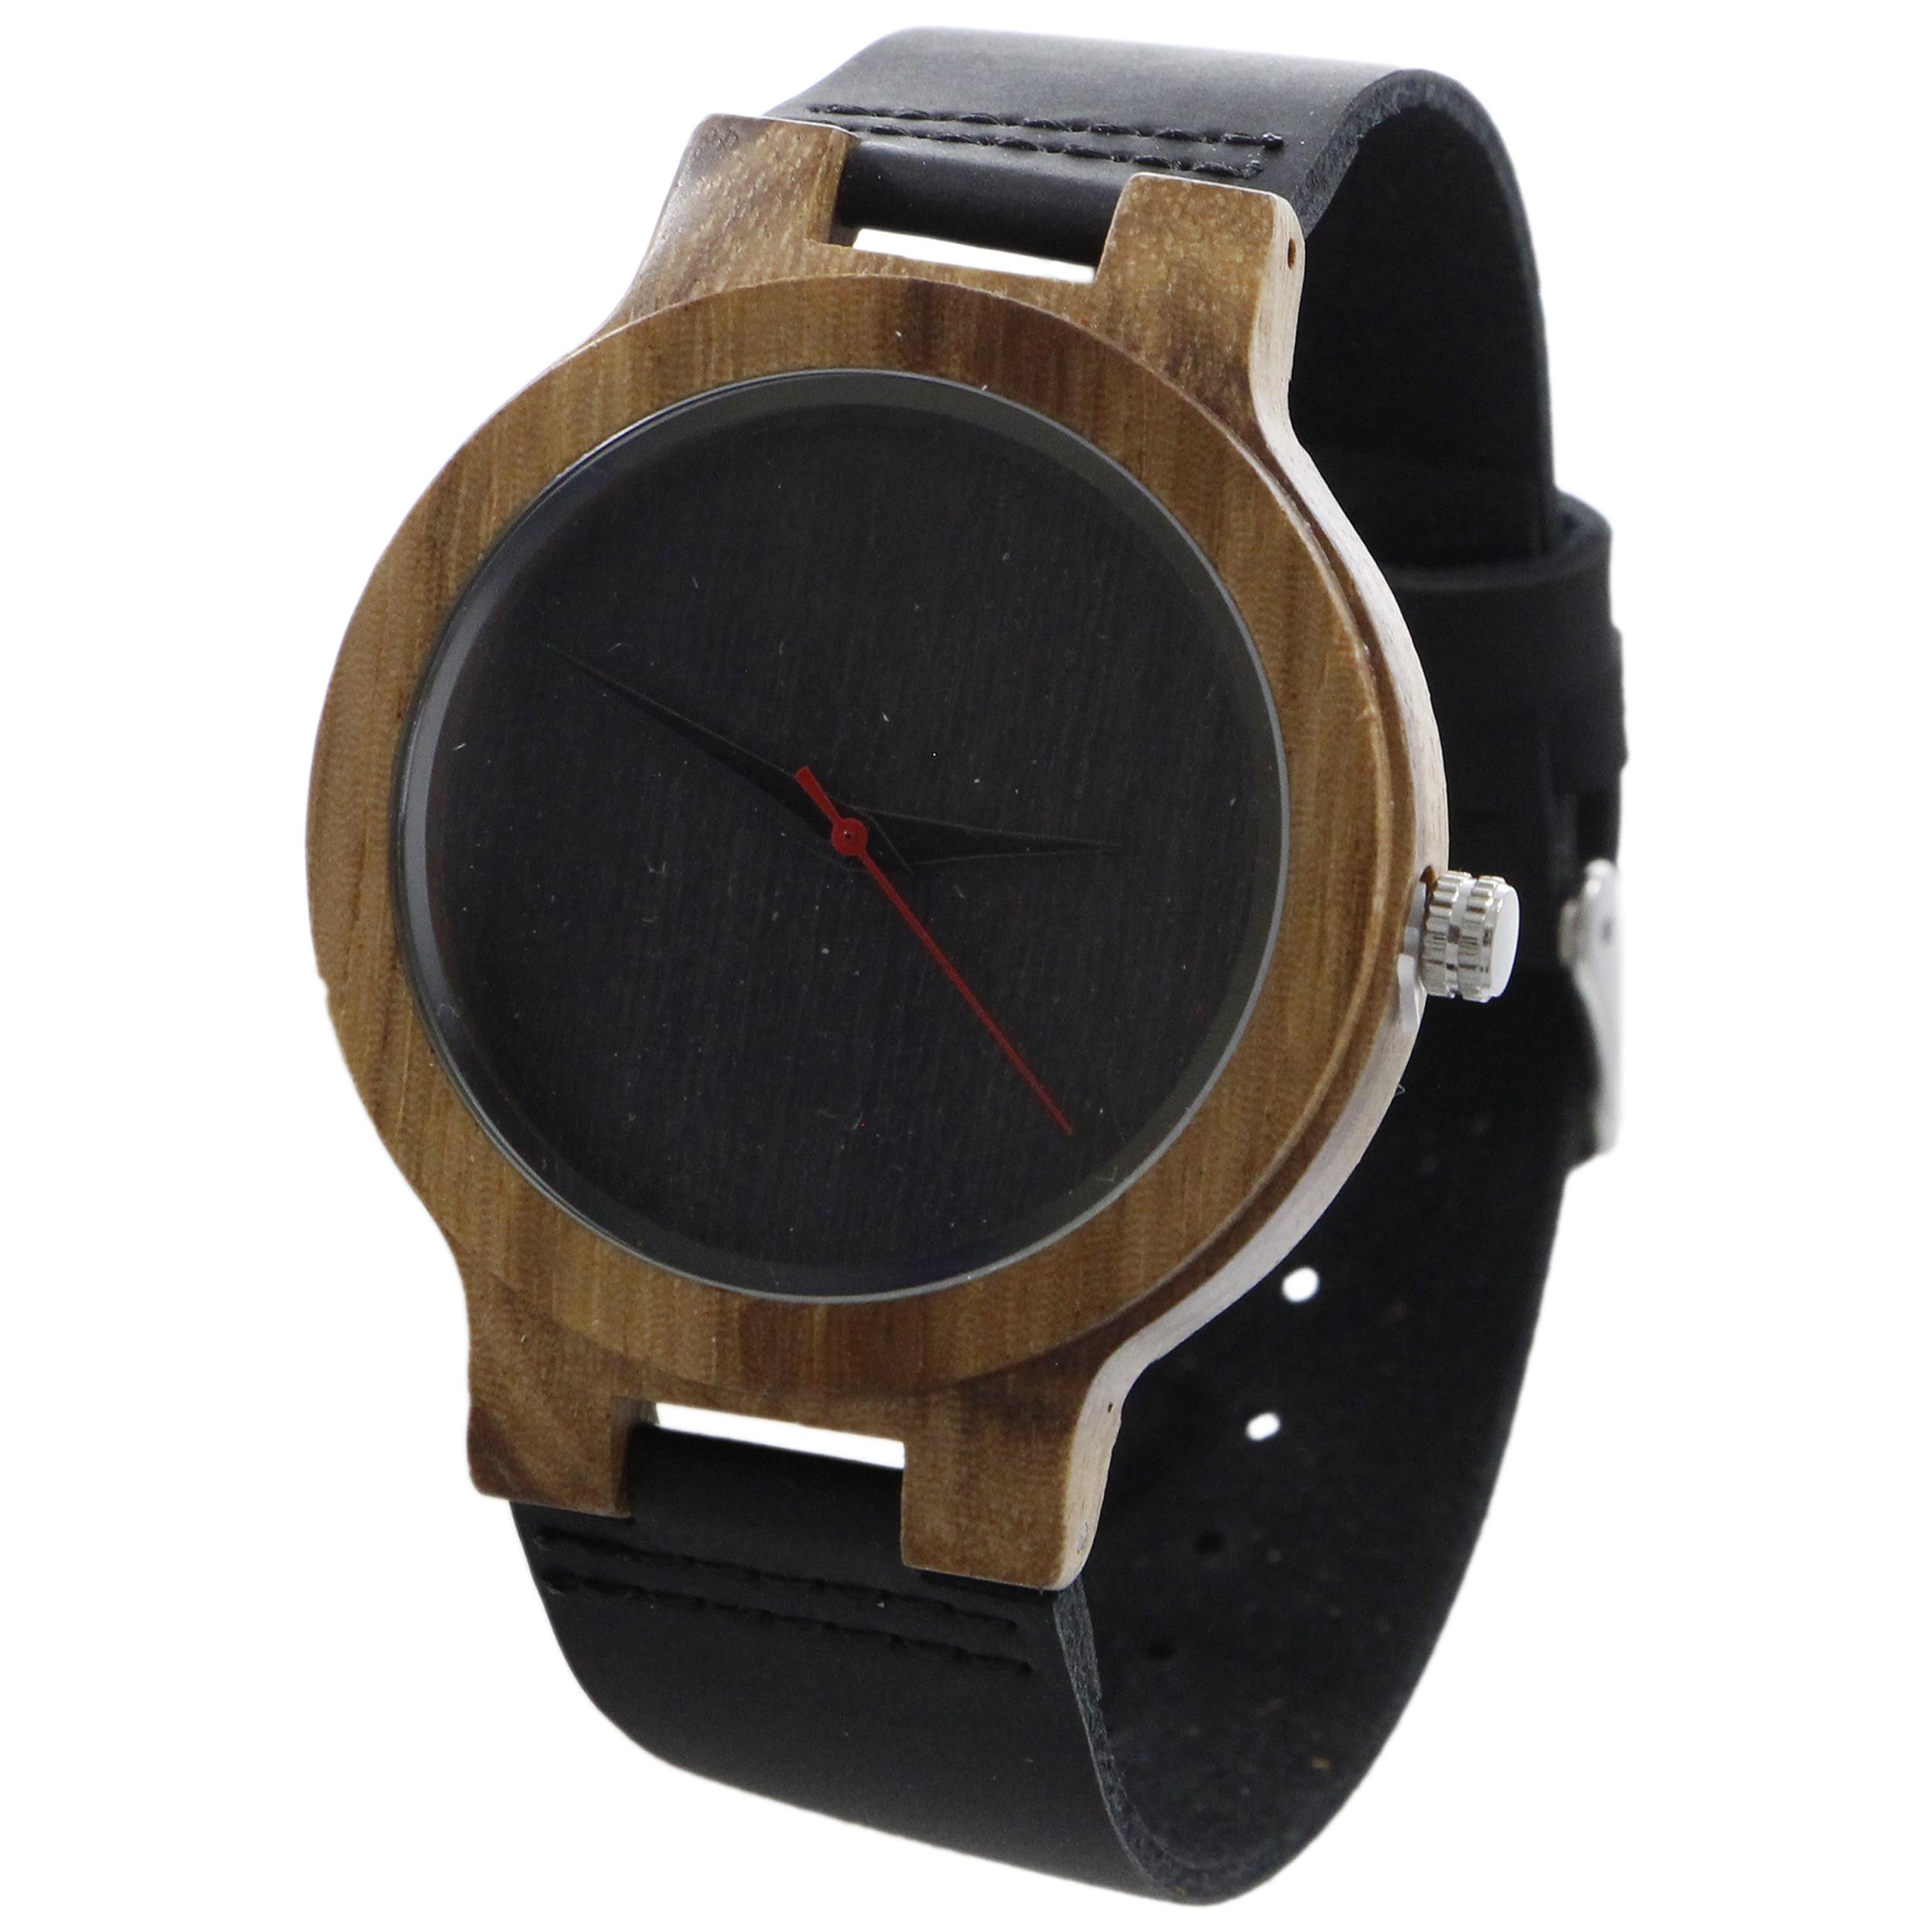 ساعت مچی چوبی عقربه ای - کد BMK14